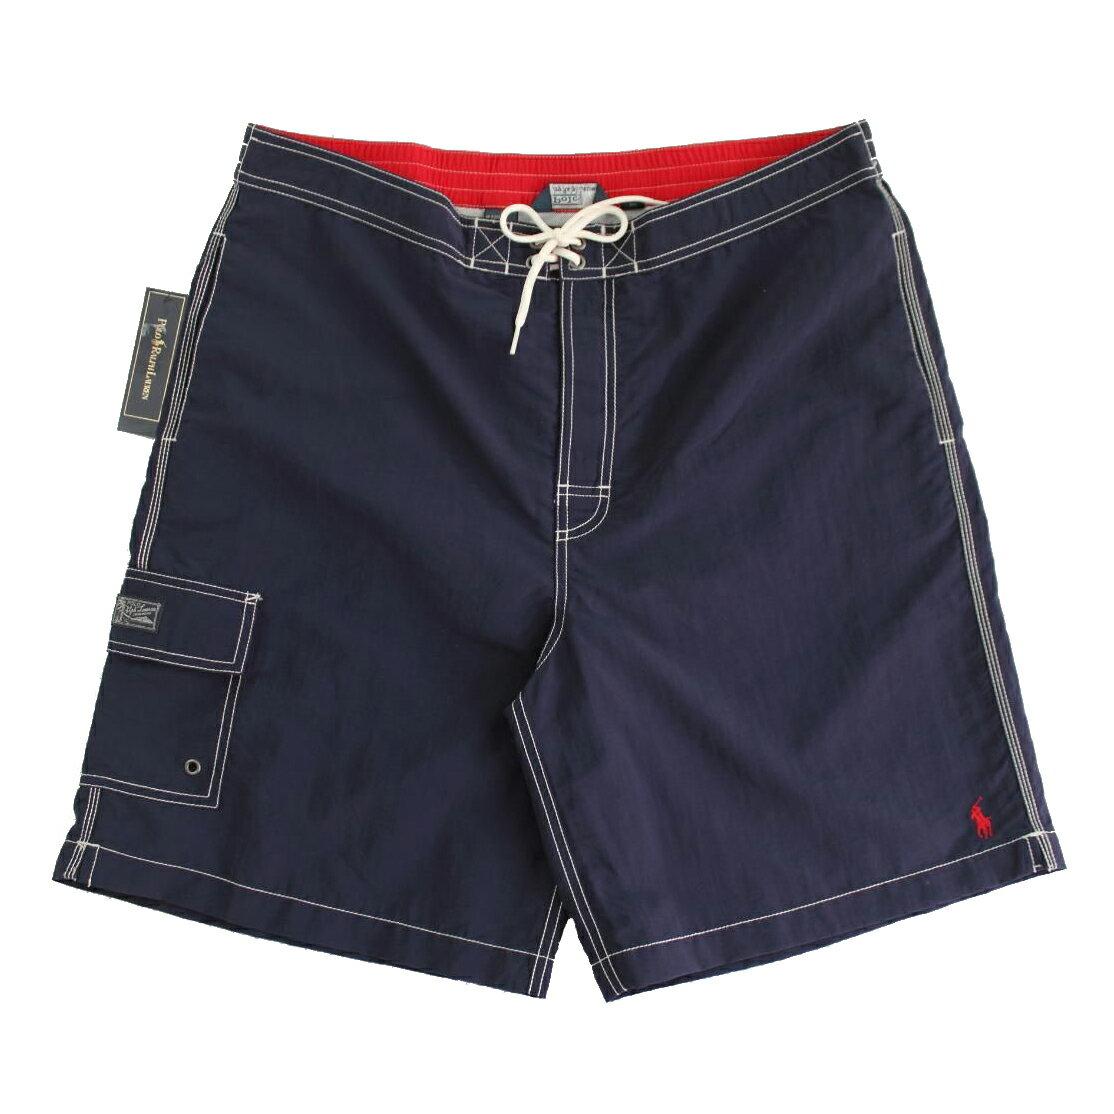 美國百分百【全新真品】Ralph Lauren RL 口袋 男 泳褲 海灘 衝浪褲 雙層 短褲 深藍 M號 A966